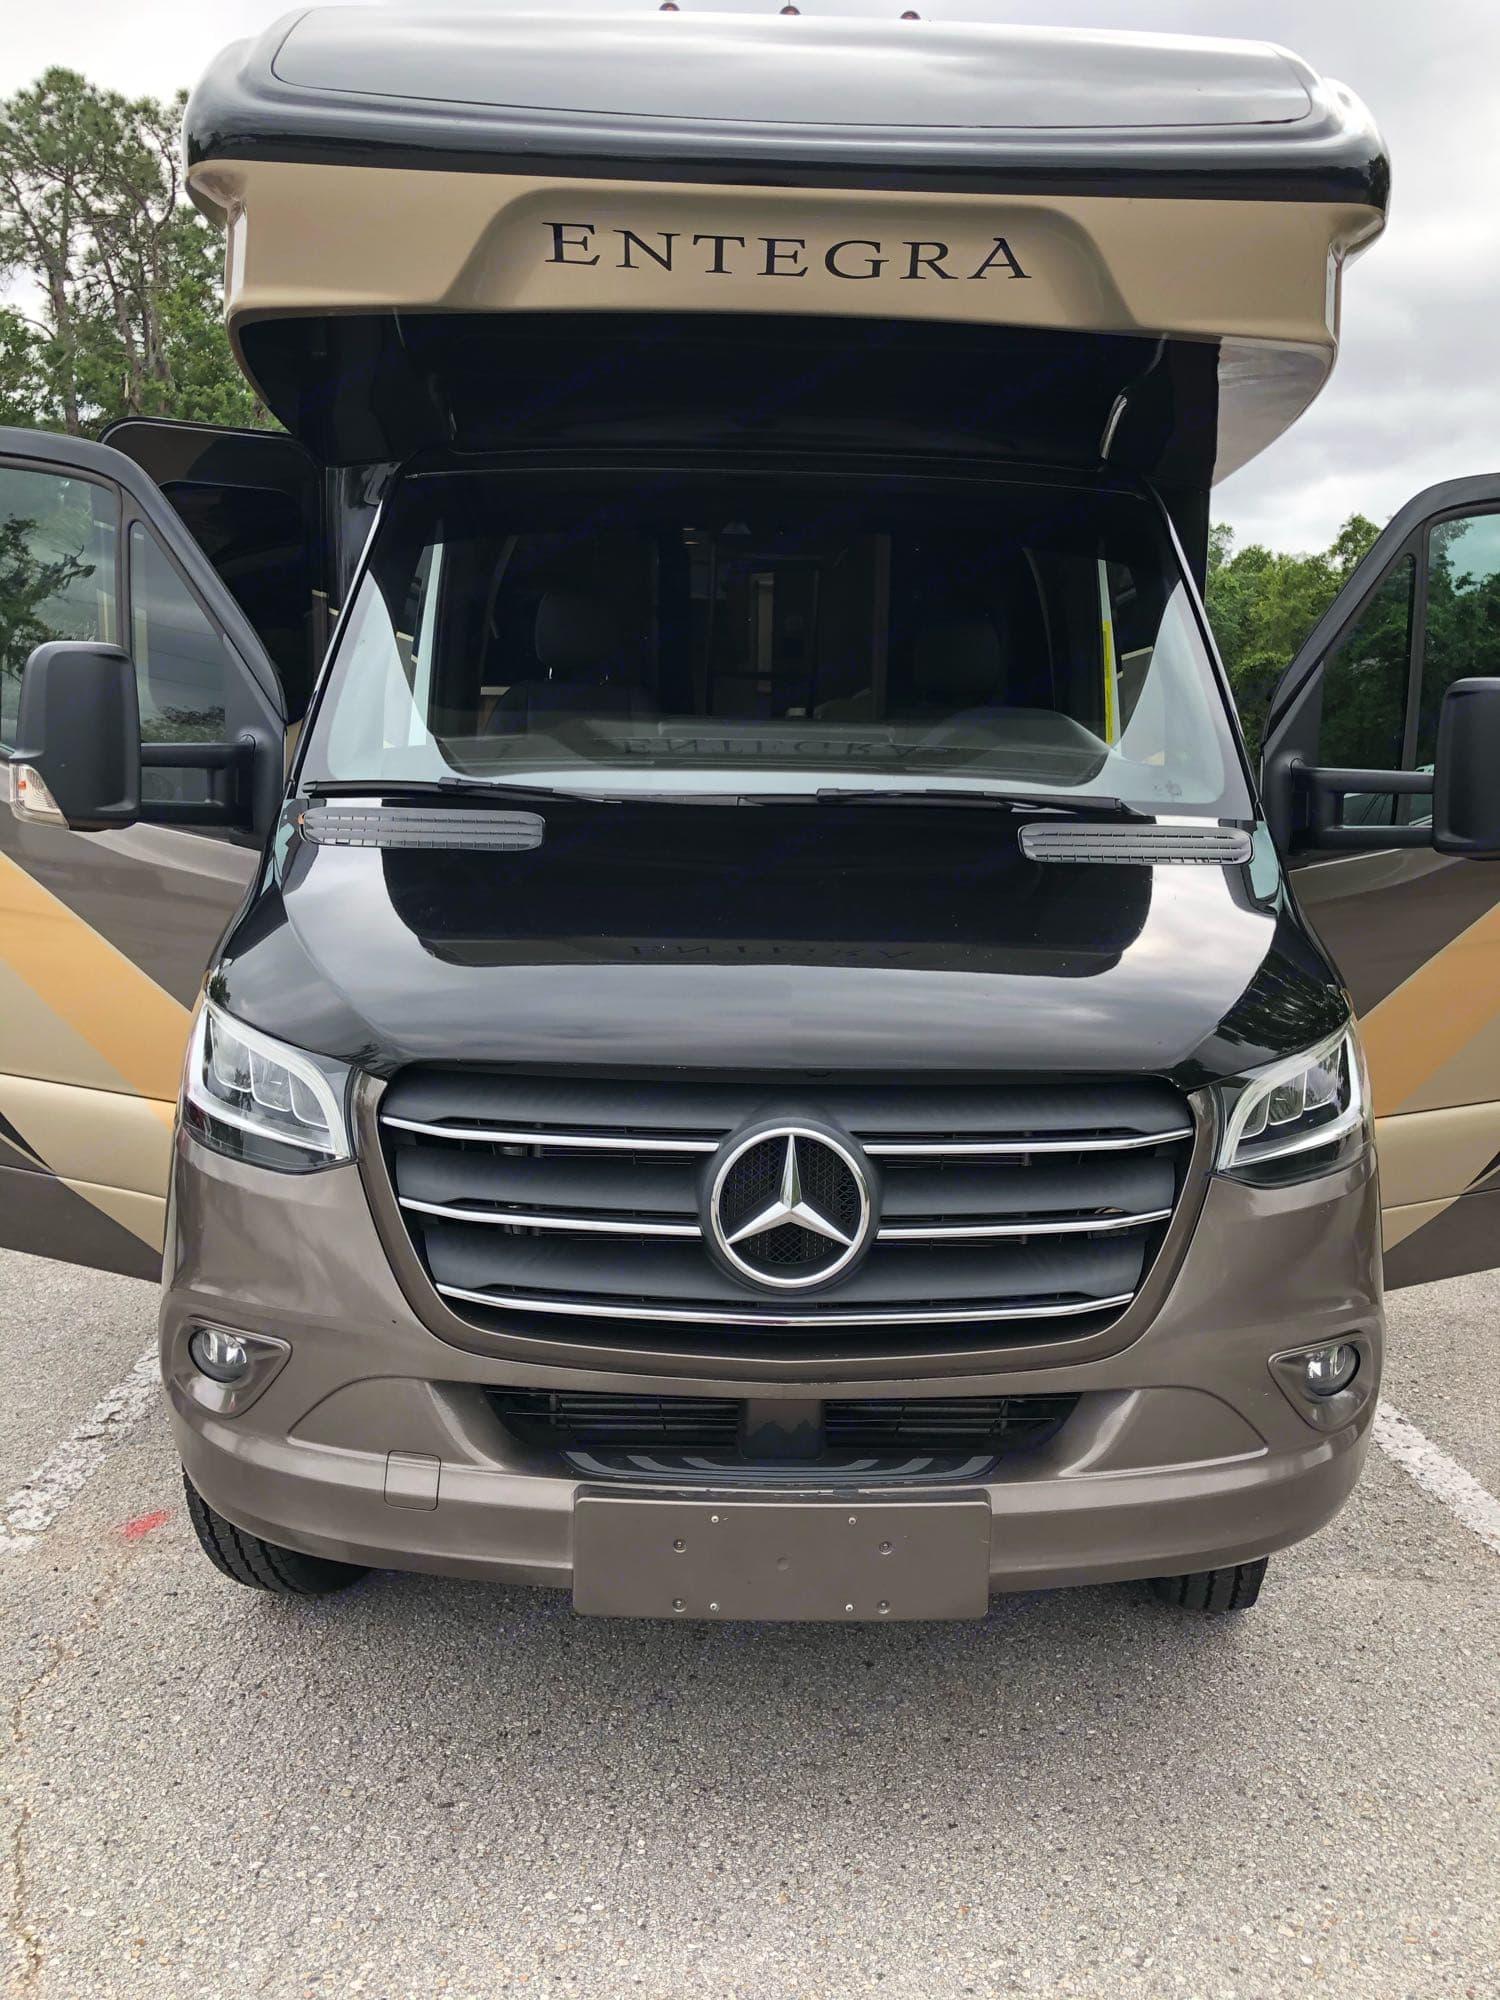 Entegra Coach Qwest 24r 2020